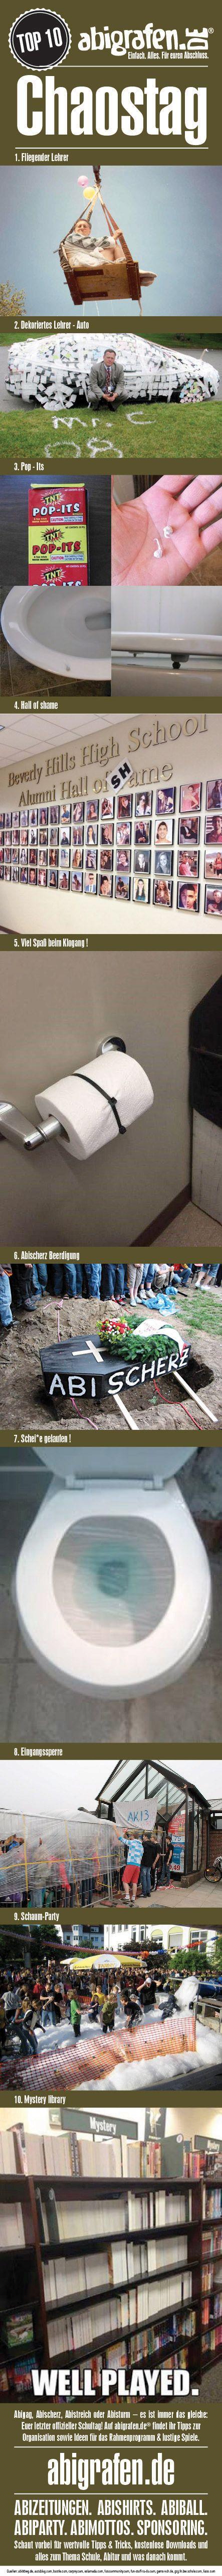 #Abistreich #Abistreiche #Chaostag #Abisturm #Mottowoche #Abischerz #Senior #Prank #abigag